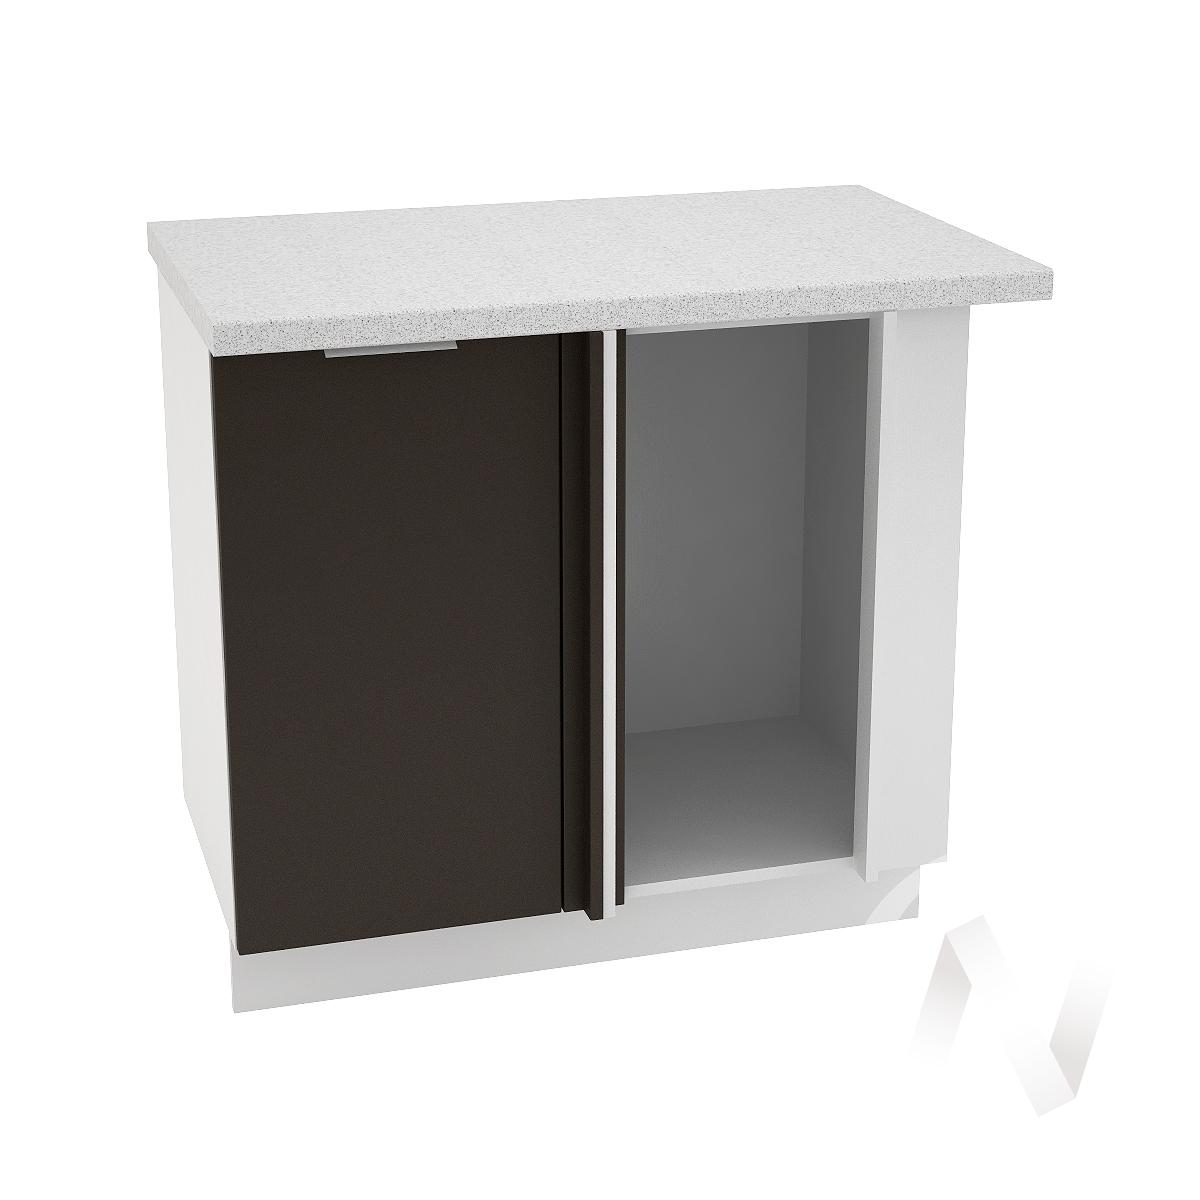 """Кухня """"Терра"""": Шкаф нижний угловой 990М, ШНУ 990М (смоки софт/корпус белый)"""